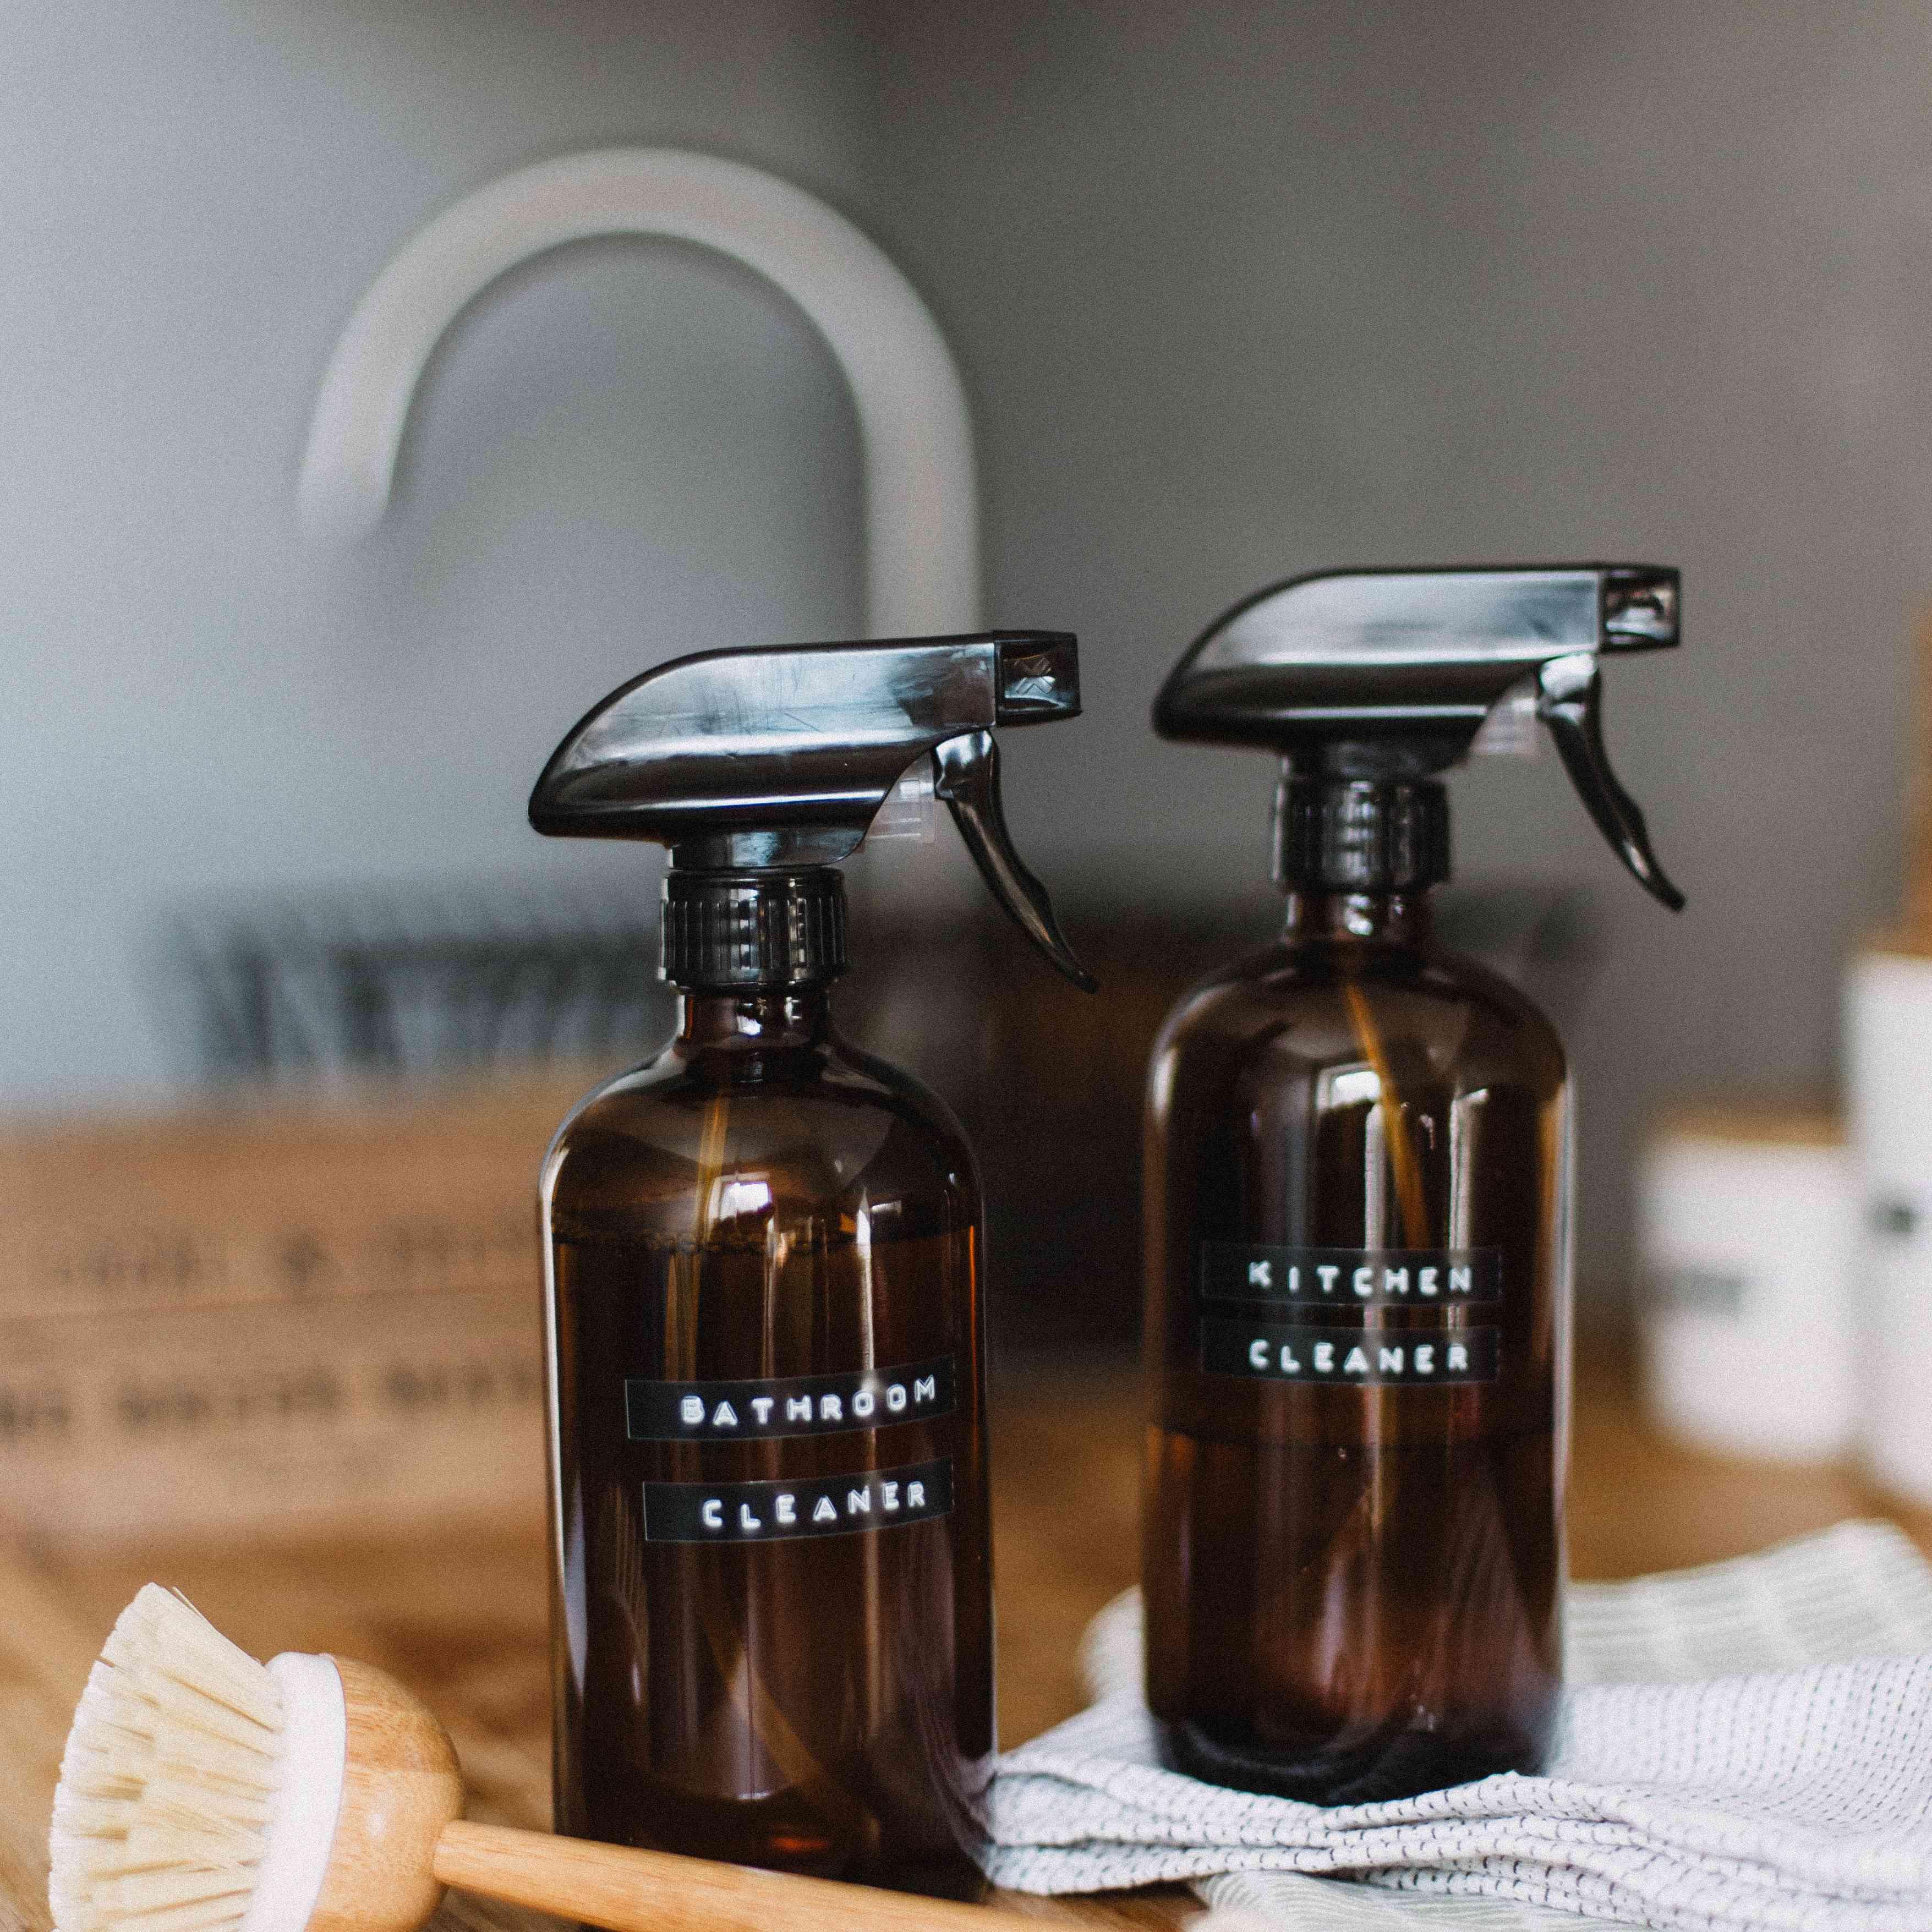 Botellas de limpiadores